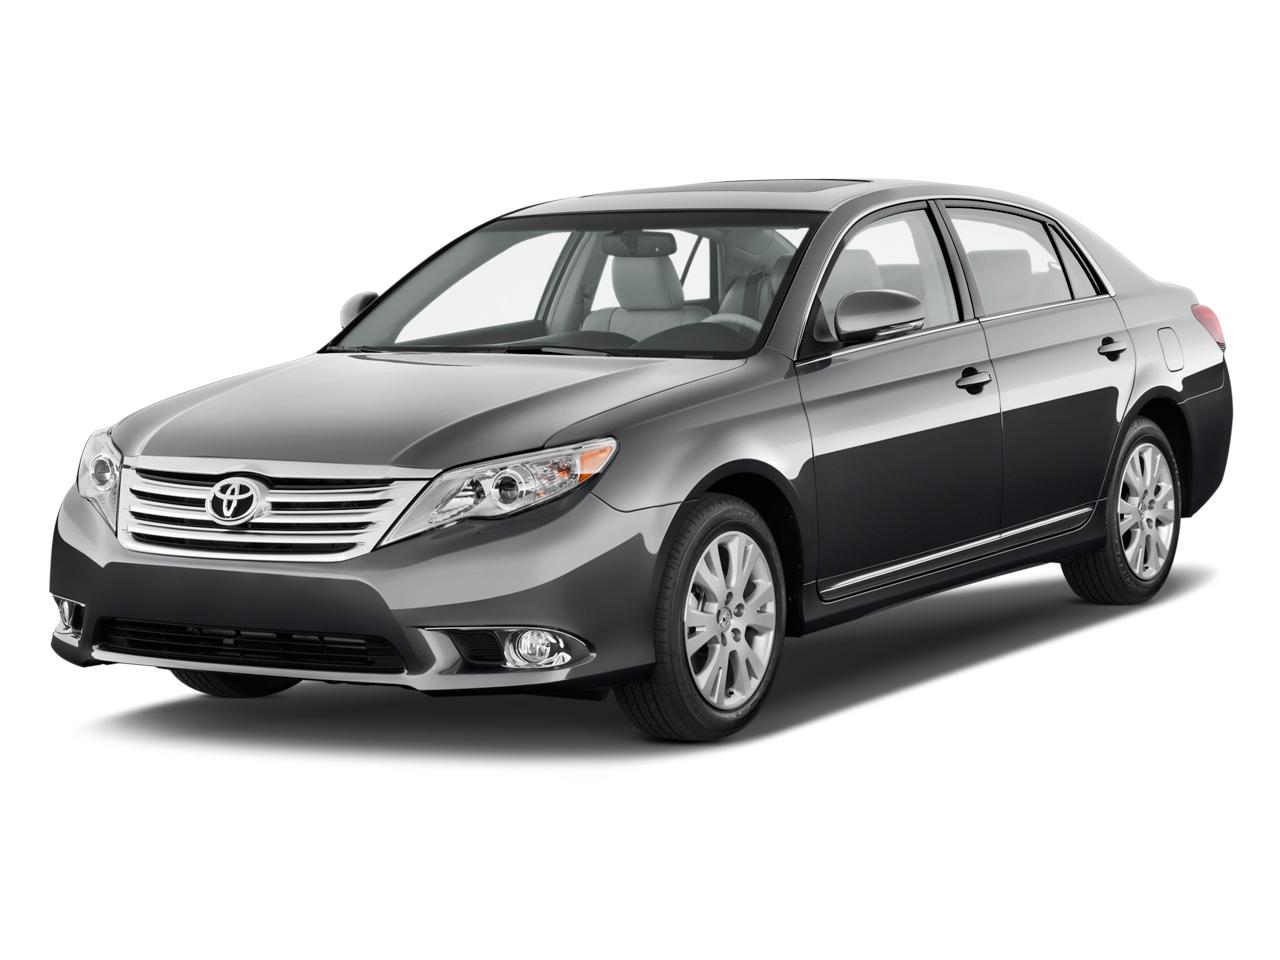 Kekurangan Toyota 2011 Top Model Tahun Ini